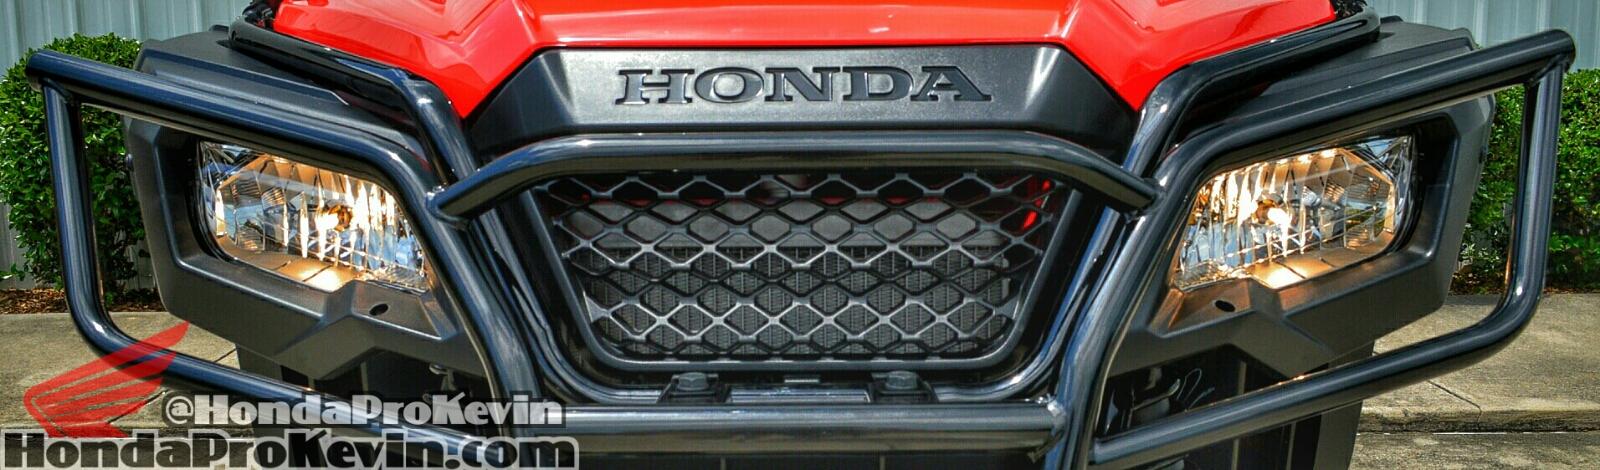 2017 Honda Sport 1000 Sxs Utv Side Side Atv 2016 Honda ...